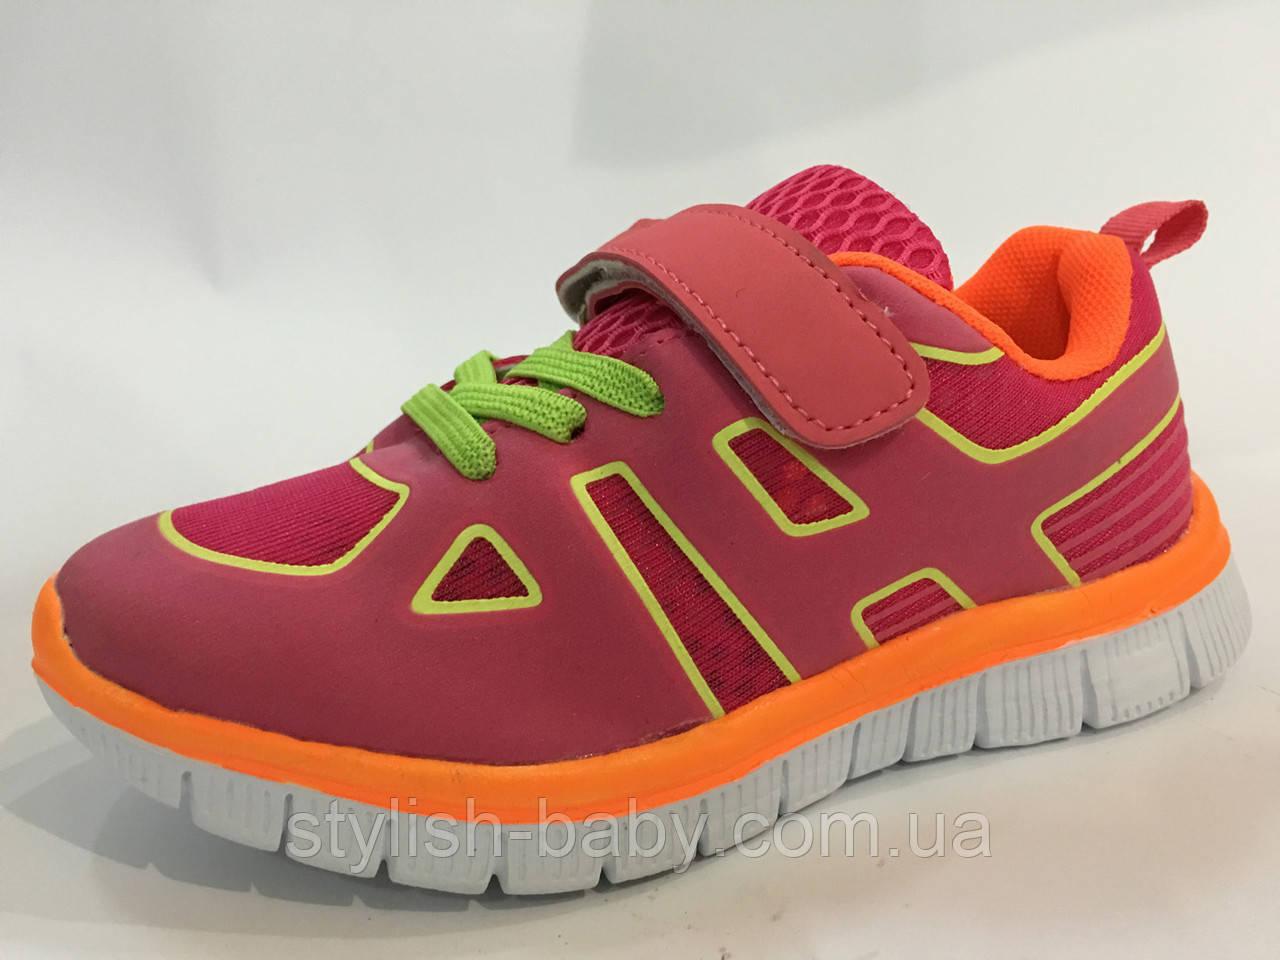 Детская спортивная обувь ТМ. Tom.m для девочек (разм. с 28 по 35)